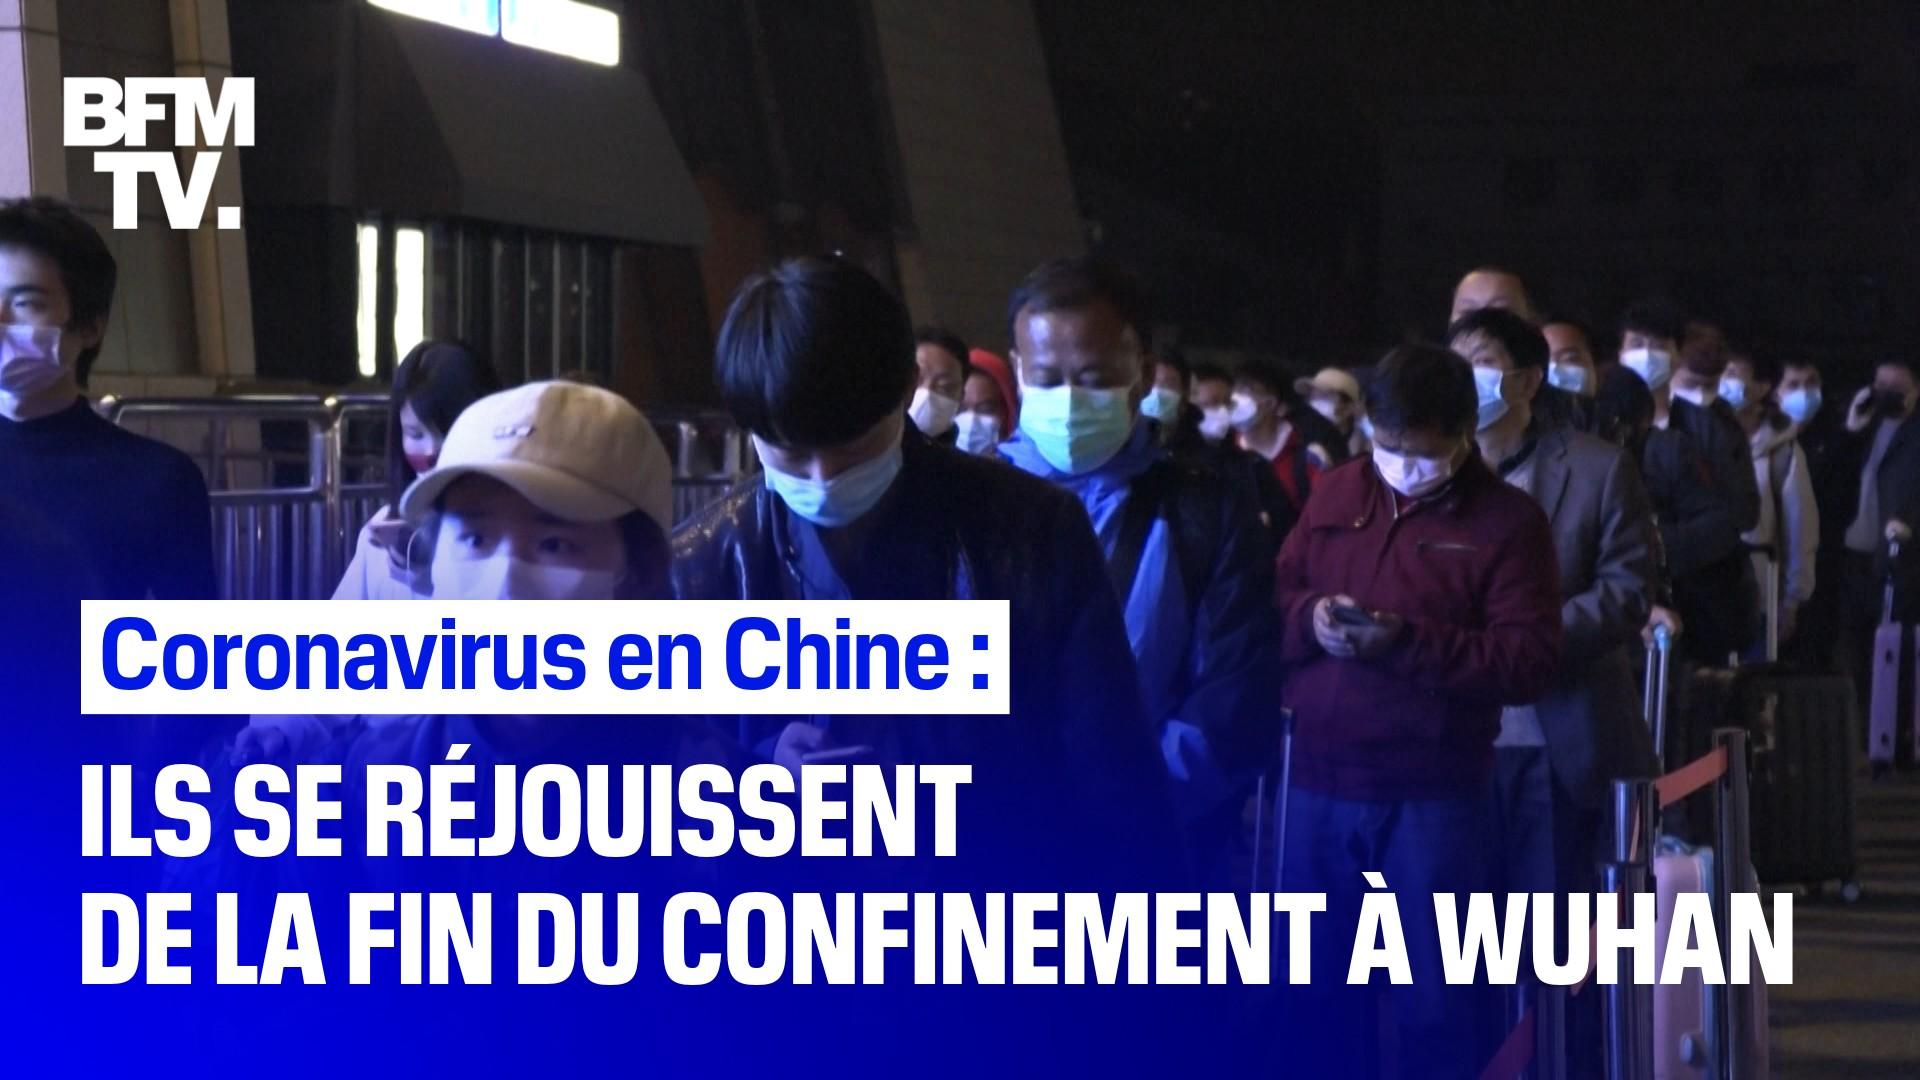 Coronavirus en Chine: des milliers d'habitants quittent Wuhan après la fin du confinement